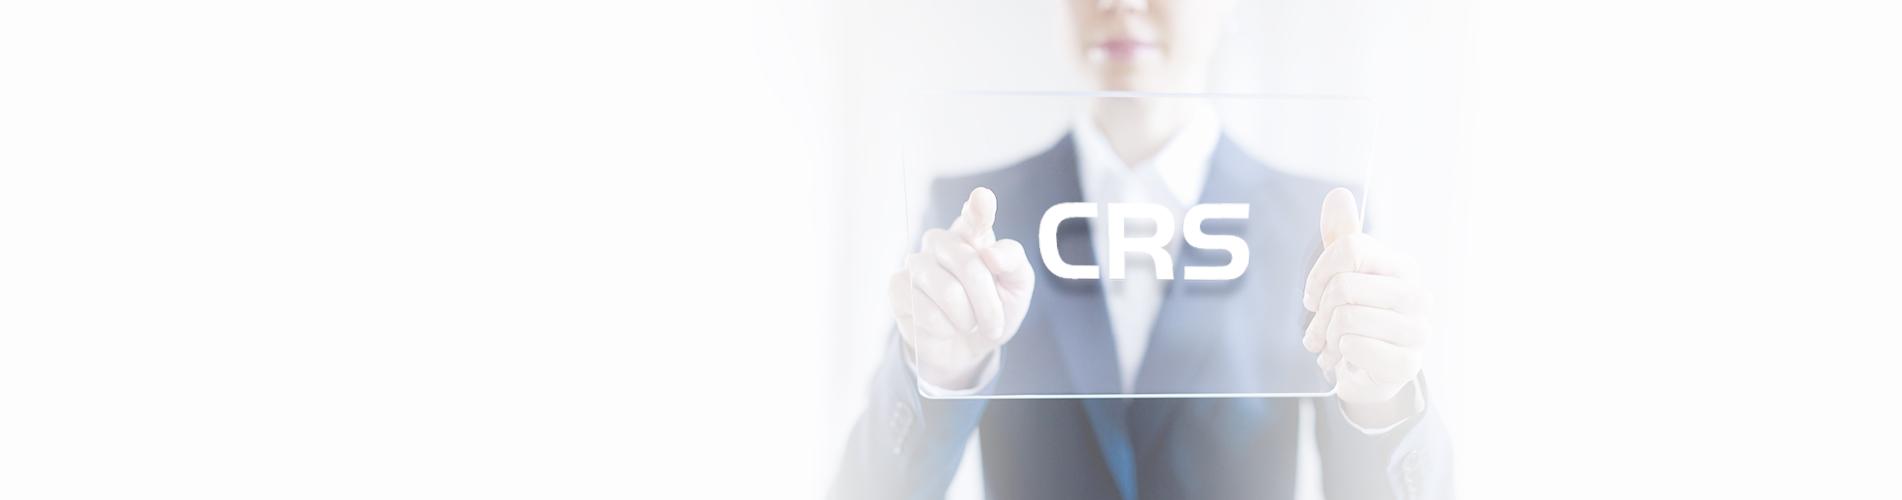 CRS更加透明